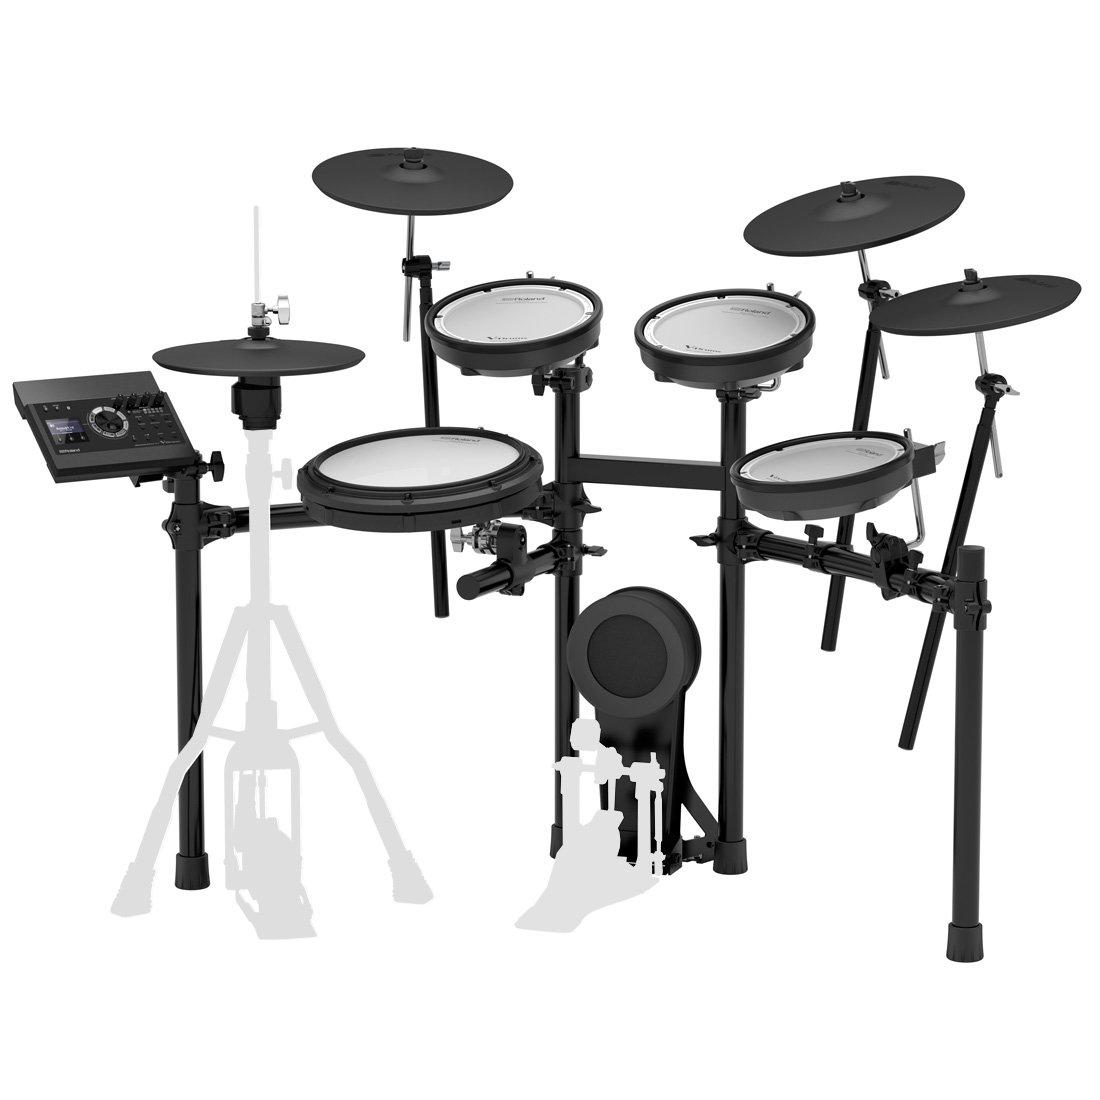 最新人気 Roland B07CWB3HHC 電子ドラム TD-17KVX-S ローランド ローランド V-Drums TD-17KVX-S Kit B07CWB3HHC, OMドラッグ:7a3ccea4 --- doctor.officeporto.com